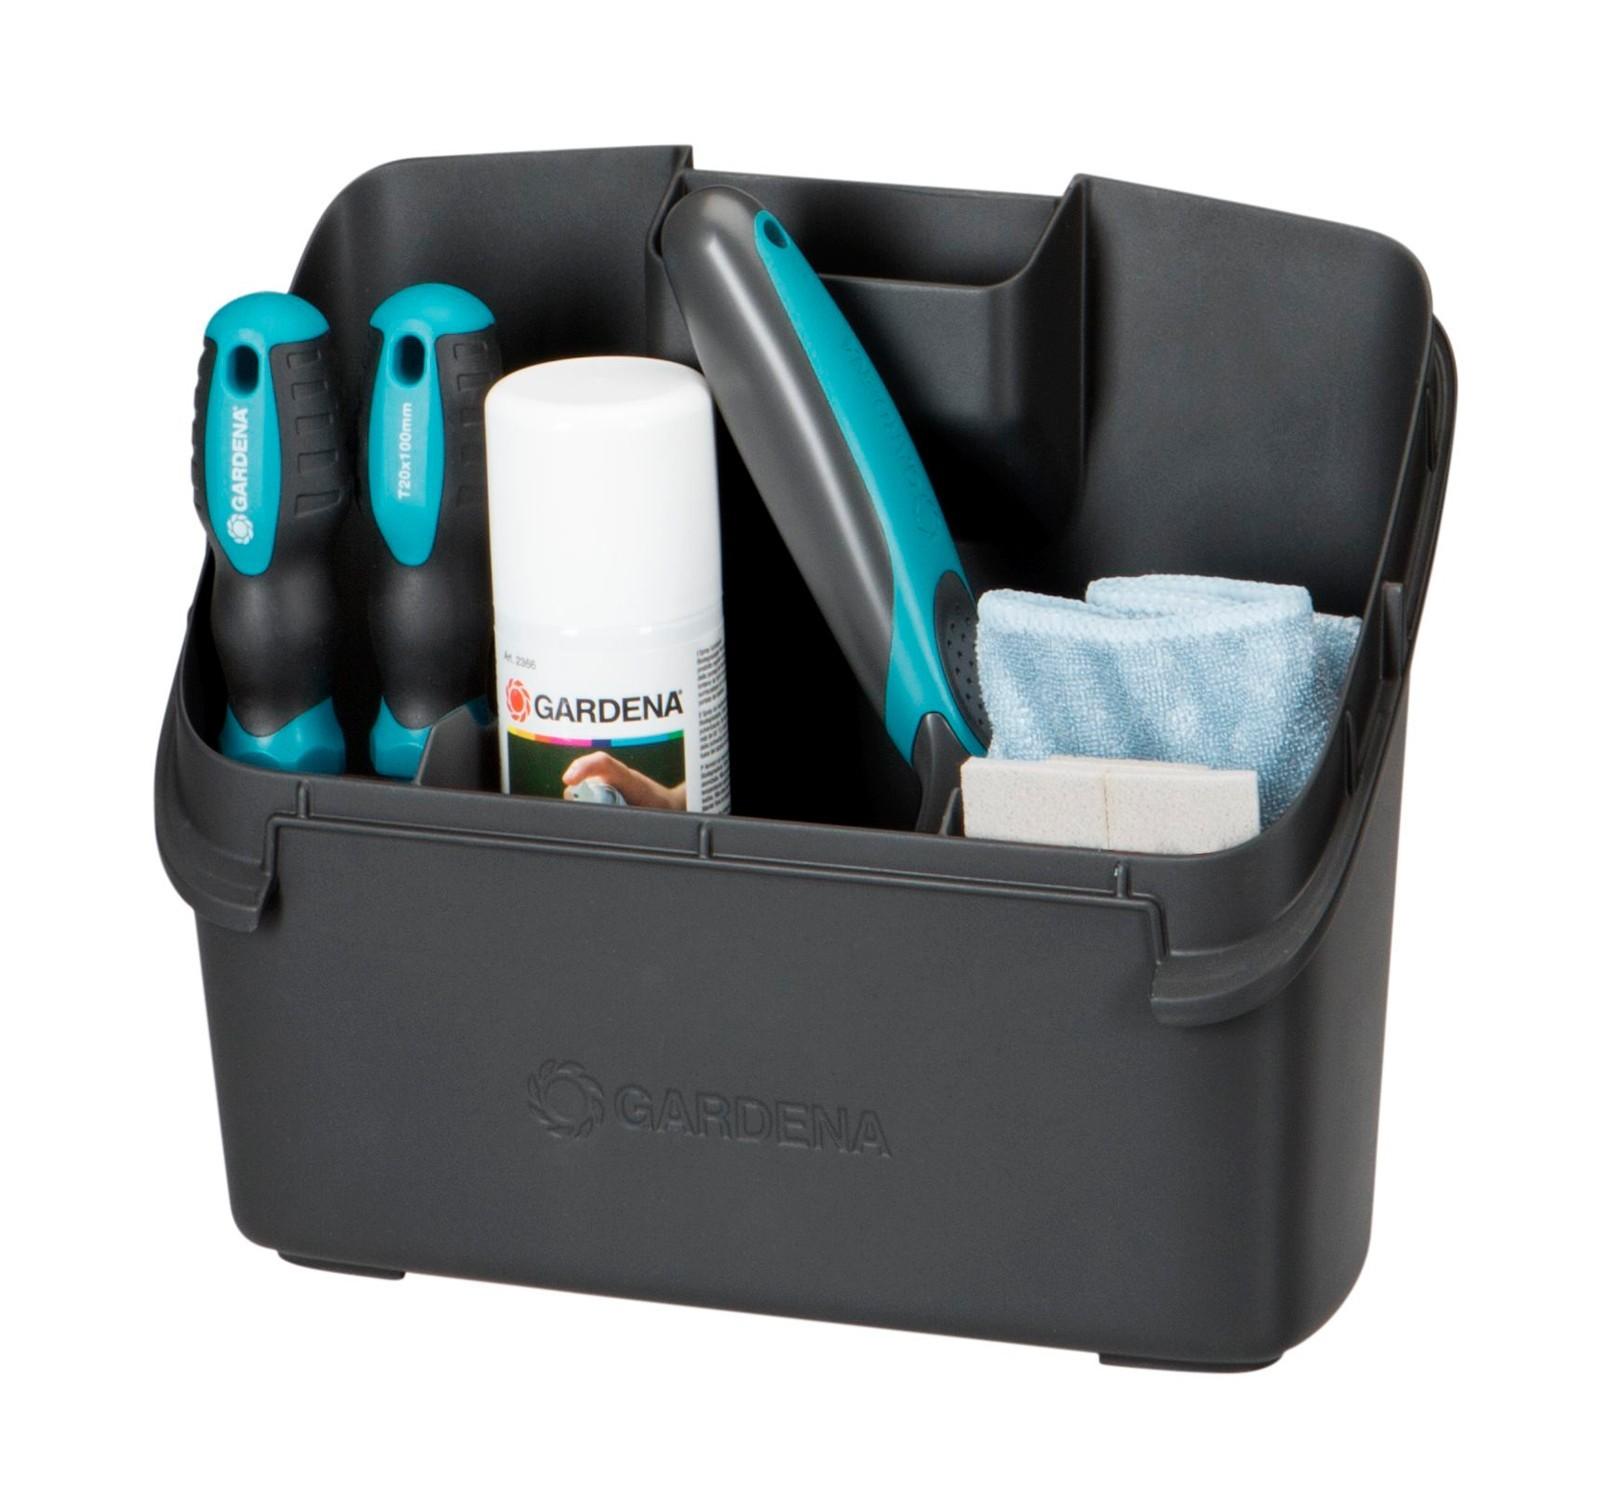 GARDENA Wartungs-und Reinigungsset für Mähroboter 04067-20 Bild 1